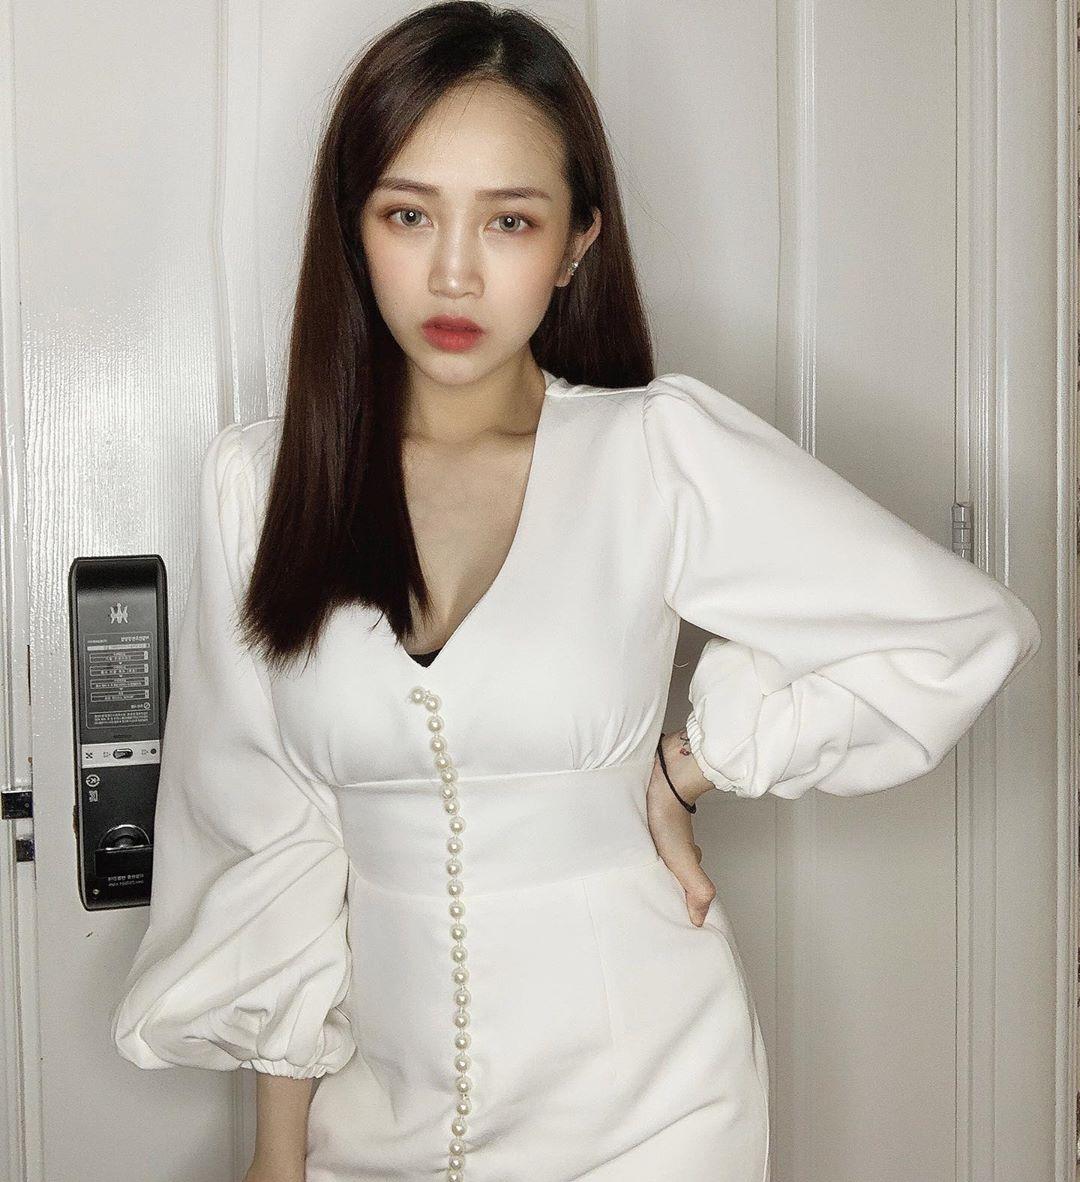 Cô thường chọn diện những mẫu váy áo có độ ôm nhẹ, cổ chữ V để tôn lên vòng 1 gợi cảm.